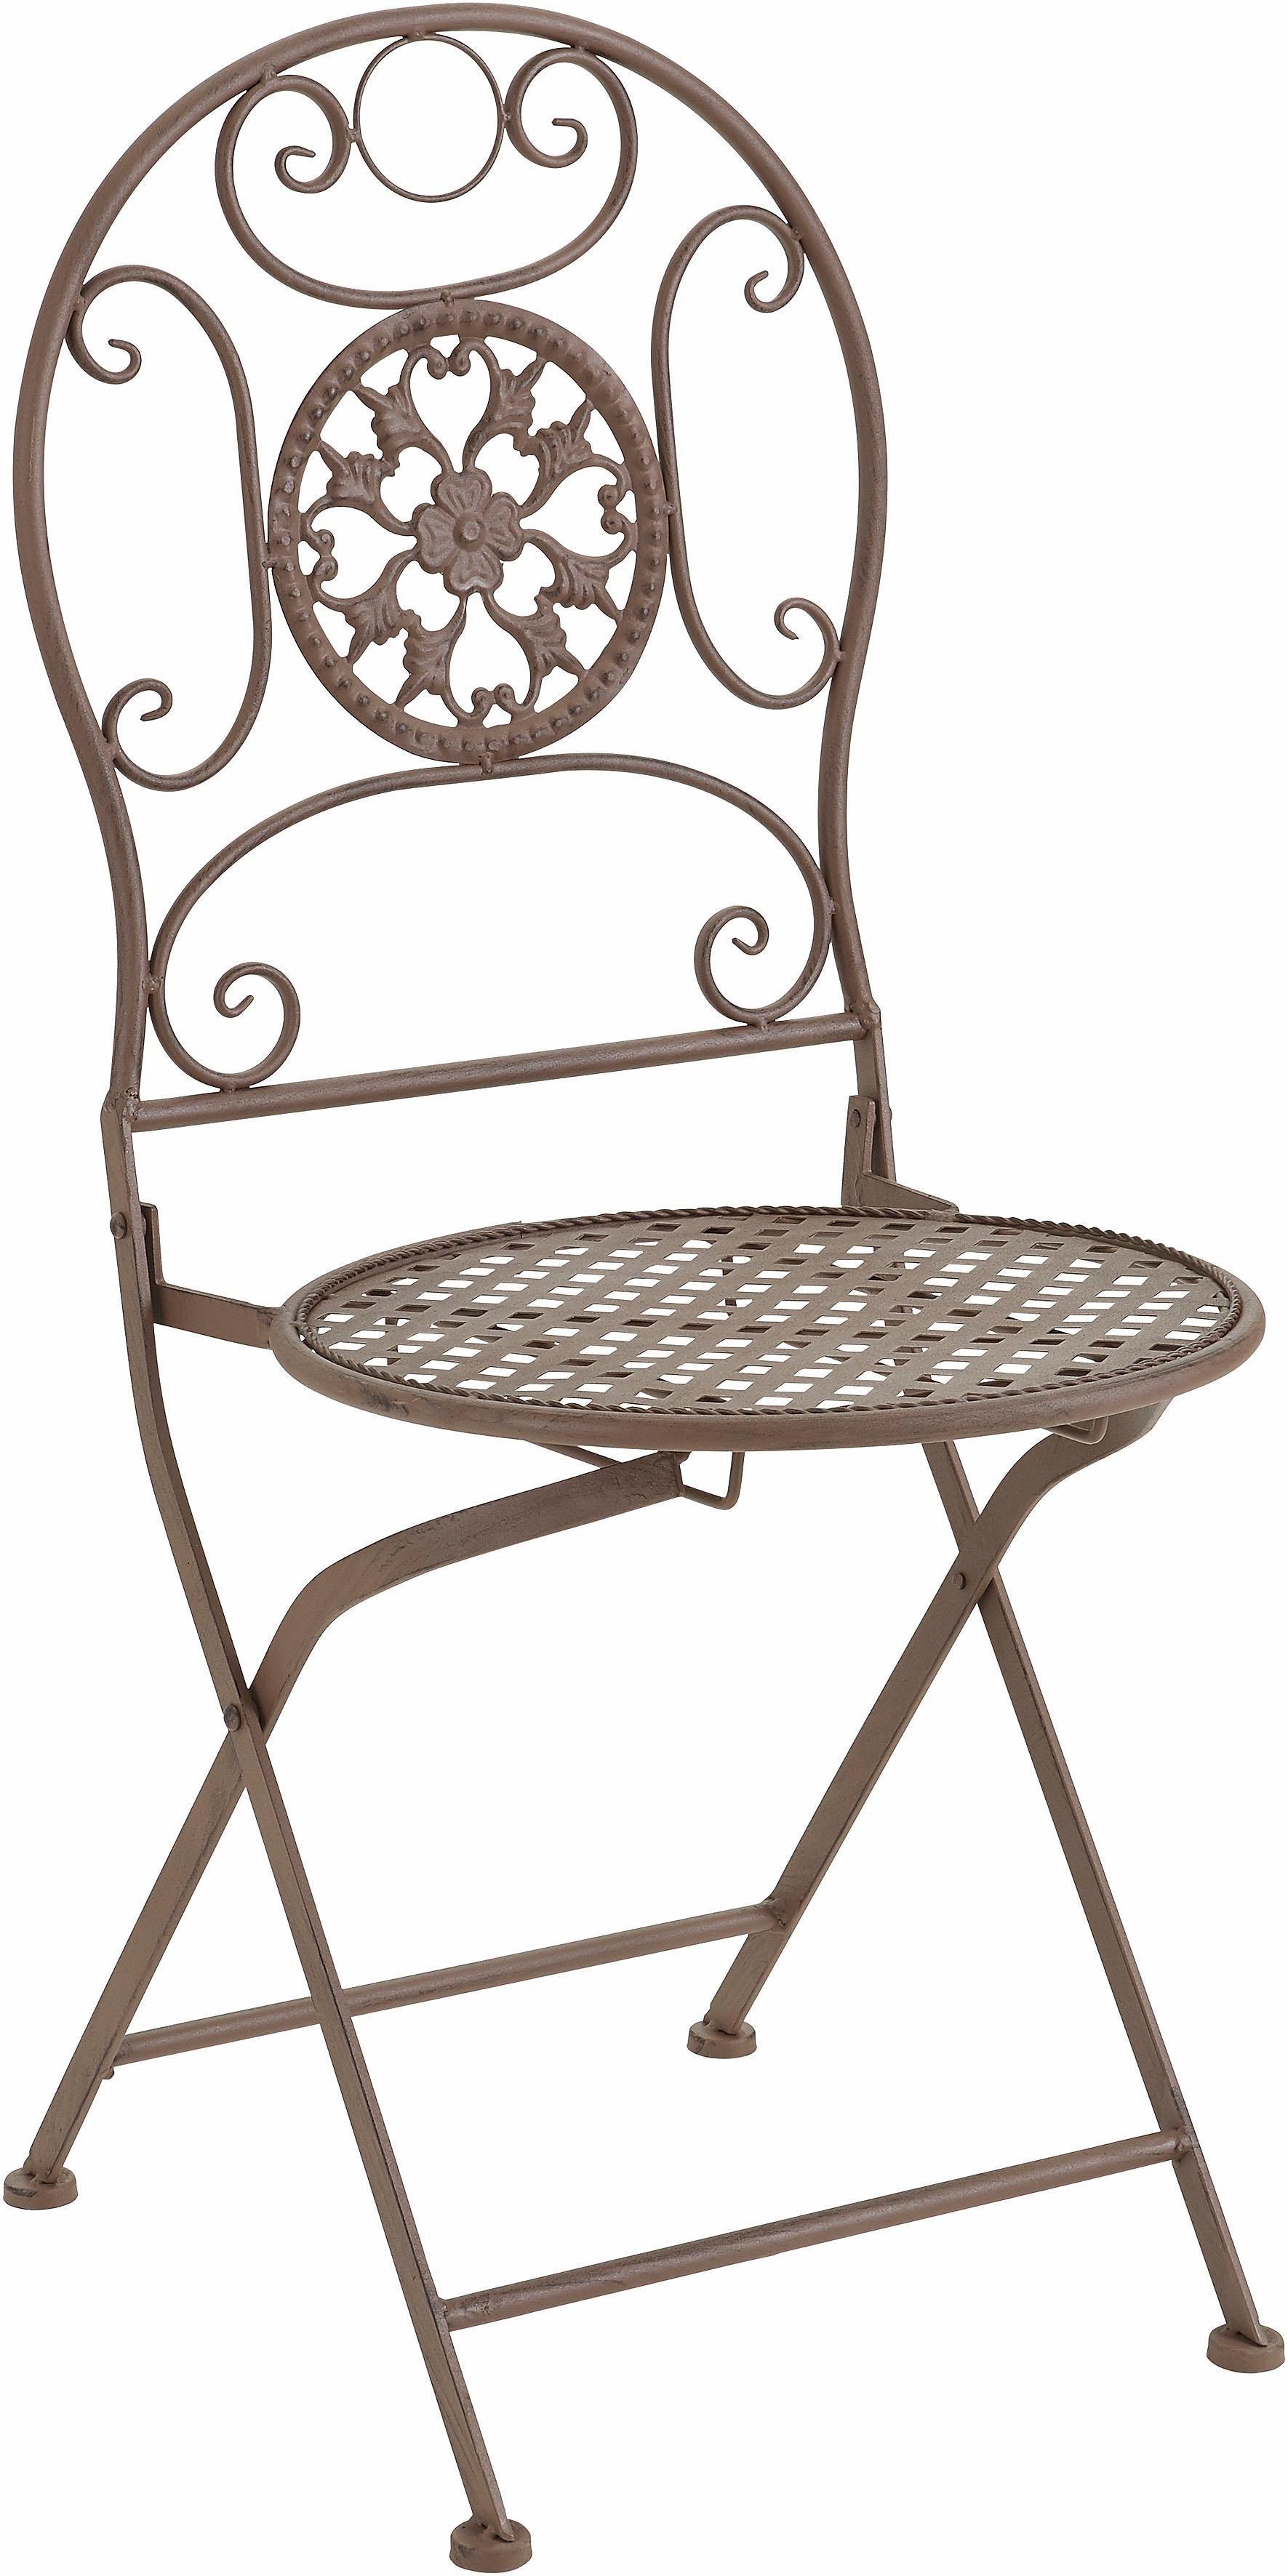 Home affaire Balkonstuhl aus Metall | Garten > Balkon > Balkonstühle | Home affaire